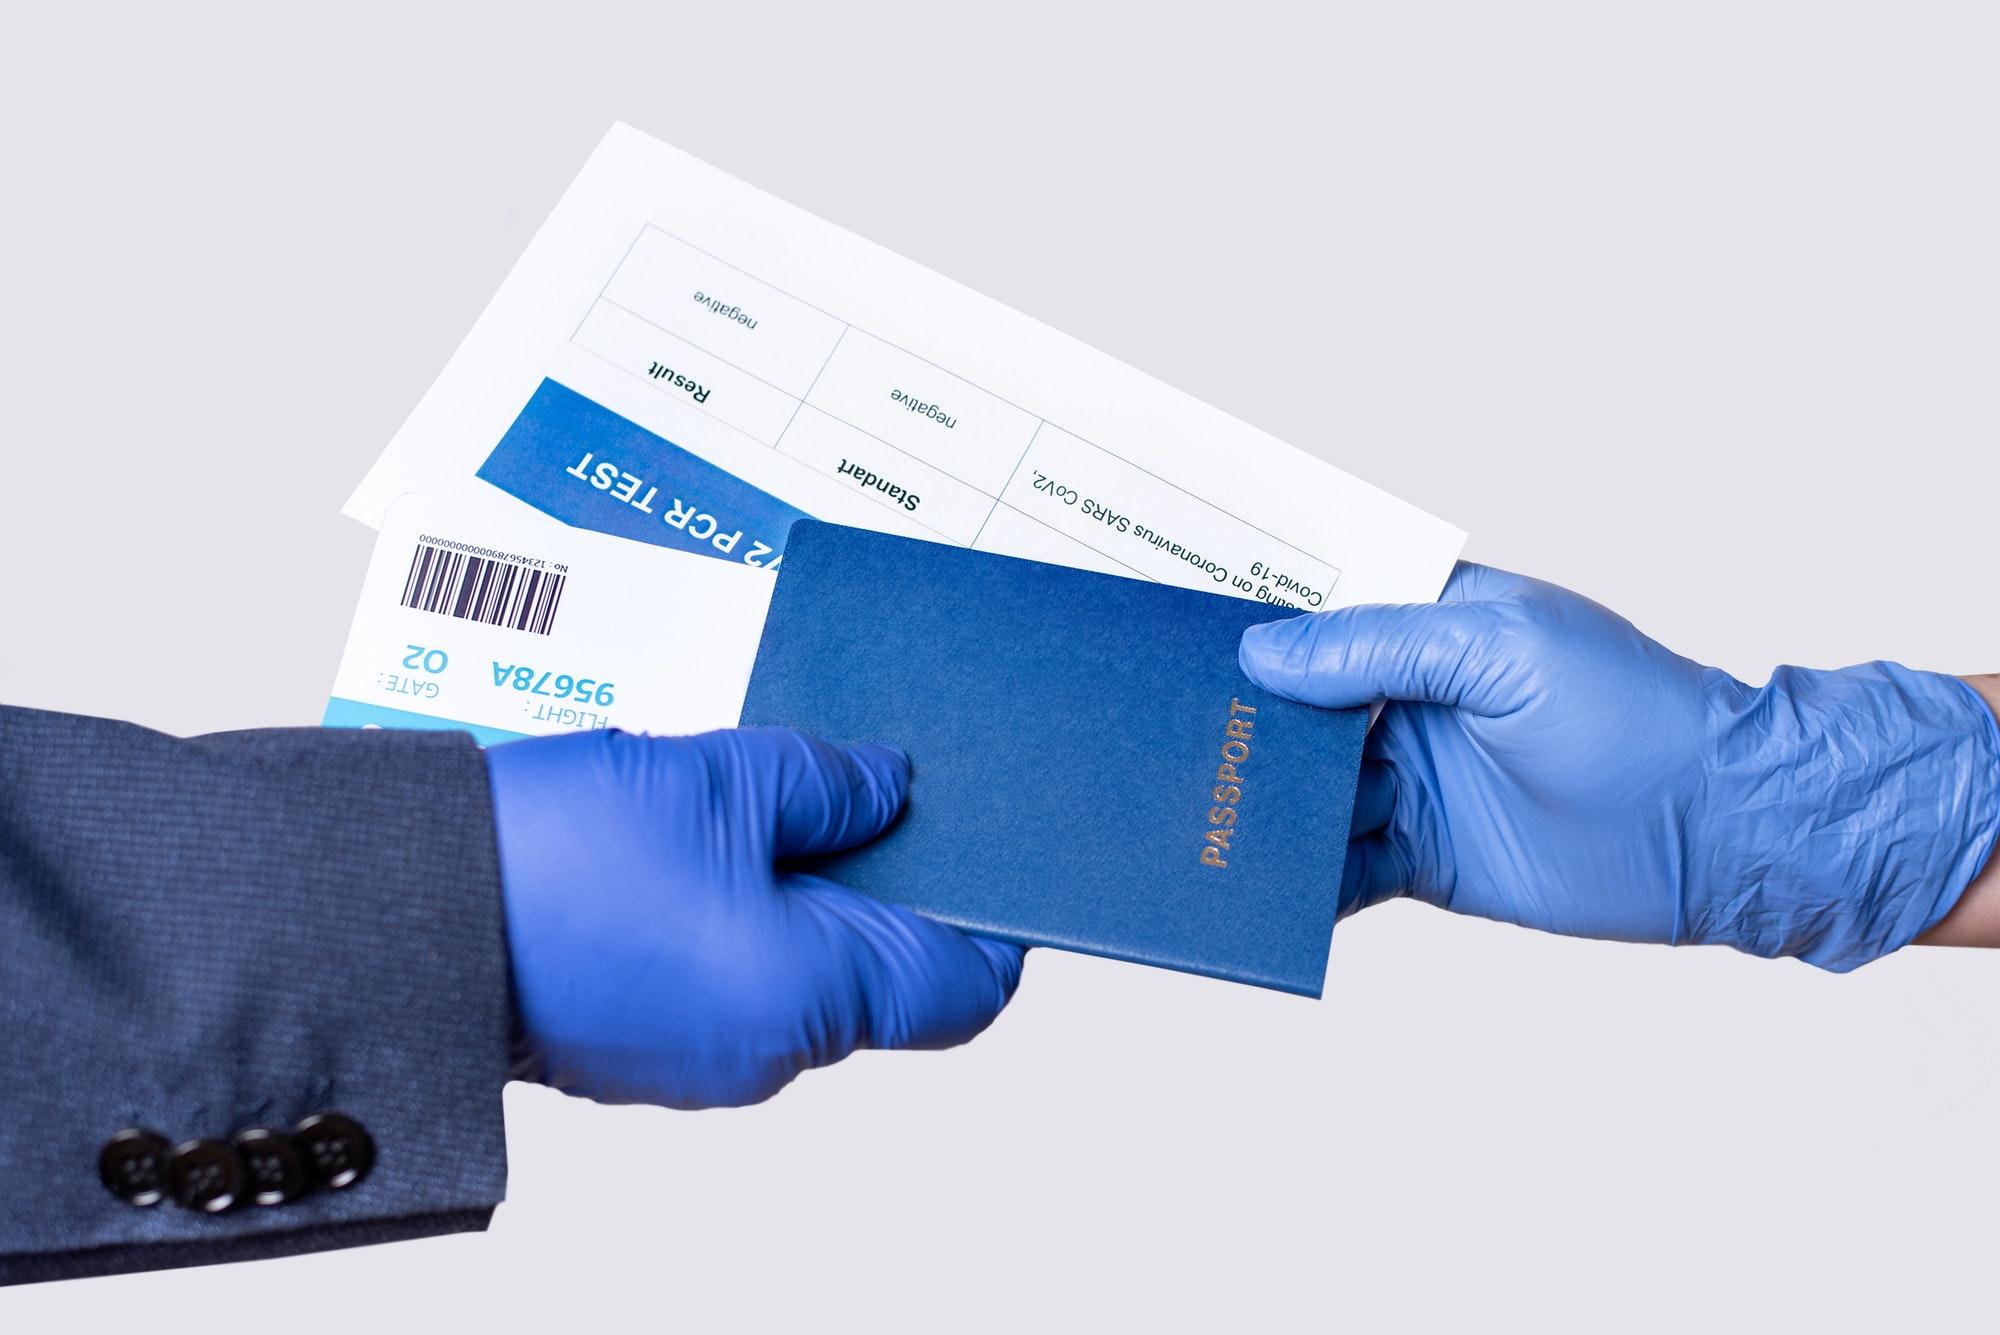 Traveler's documents